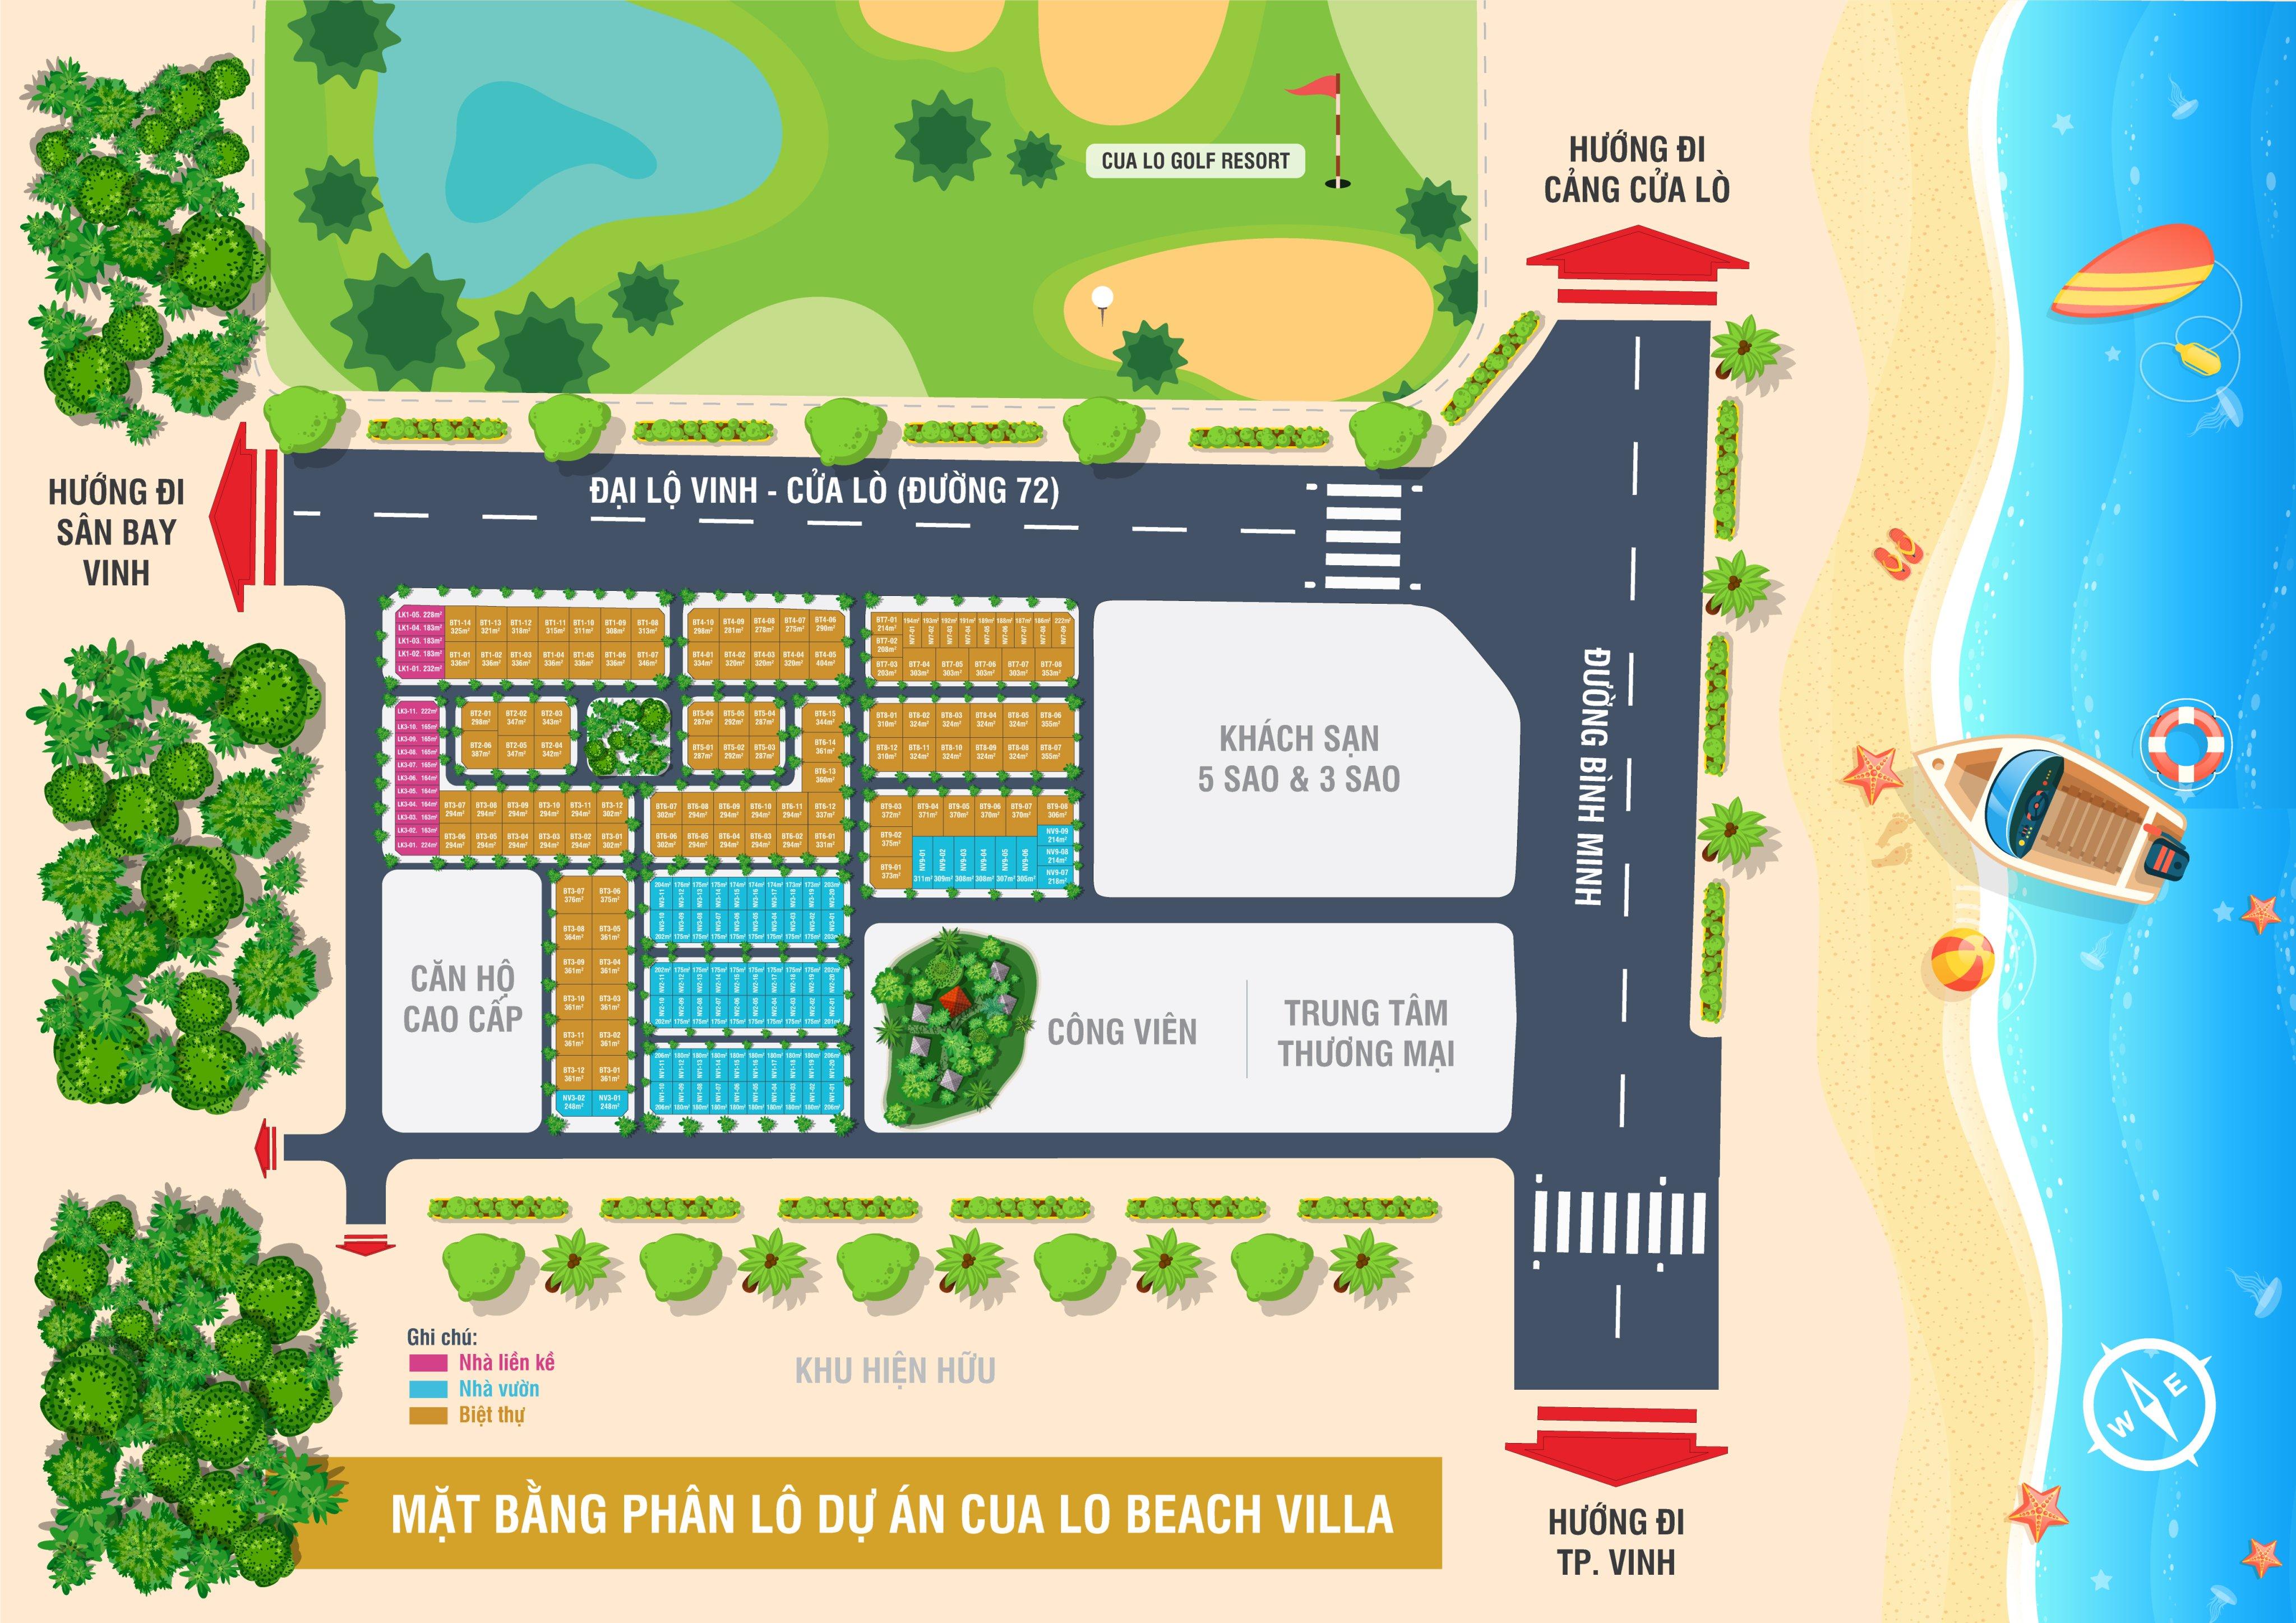 Mặt bằng phân lô dự án Cửa Lò Beach Villa